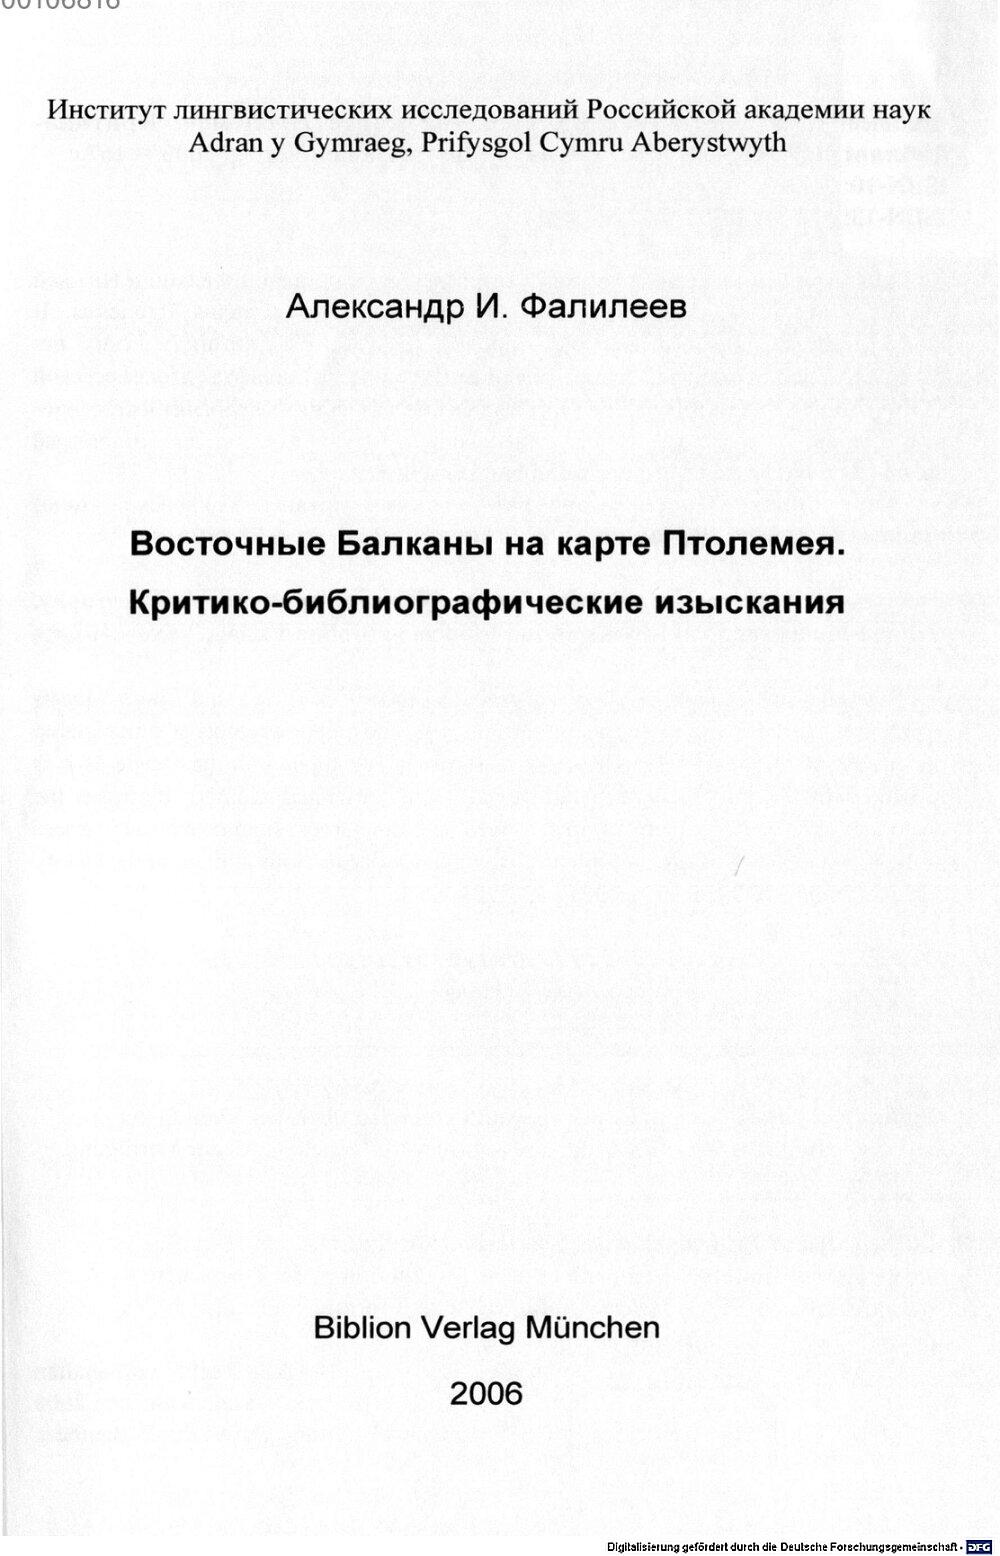 bsb00106816_00001.jpg